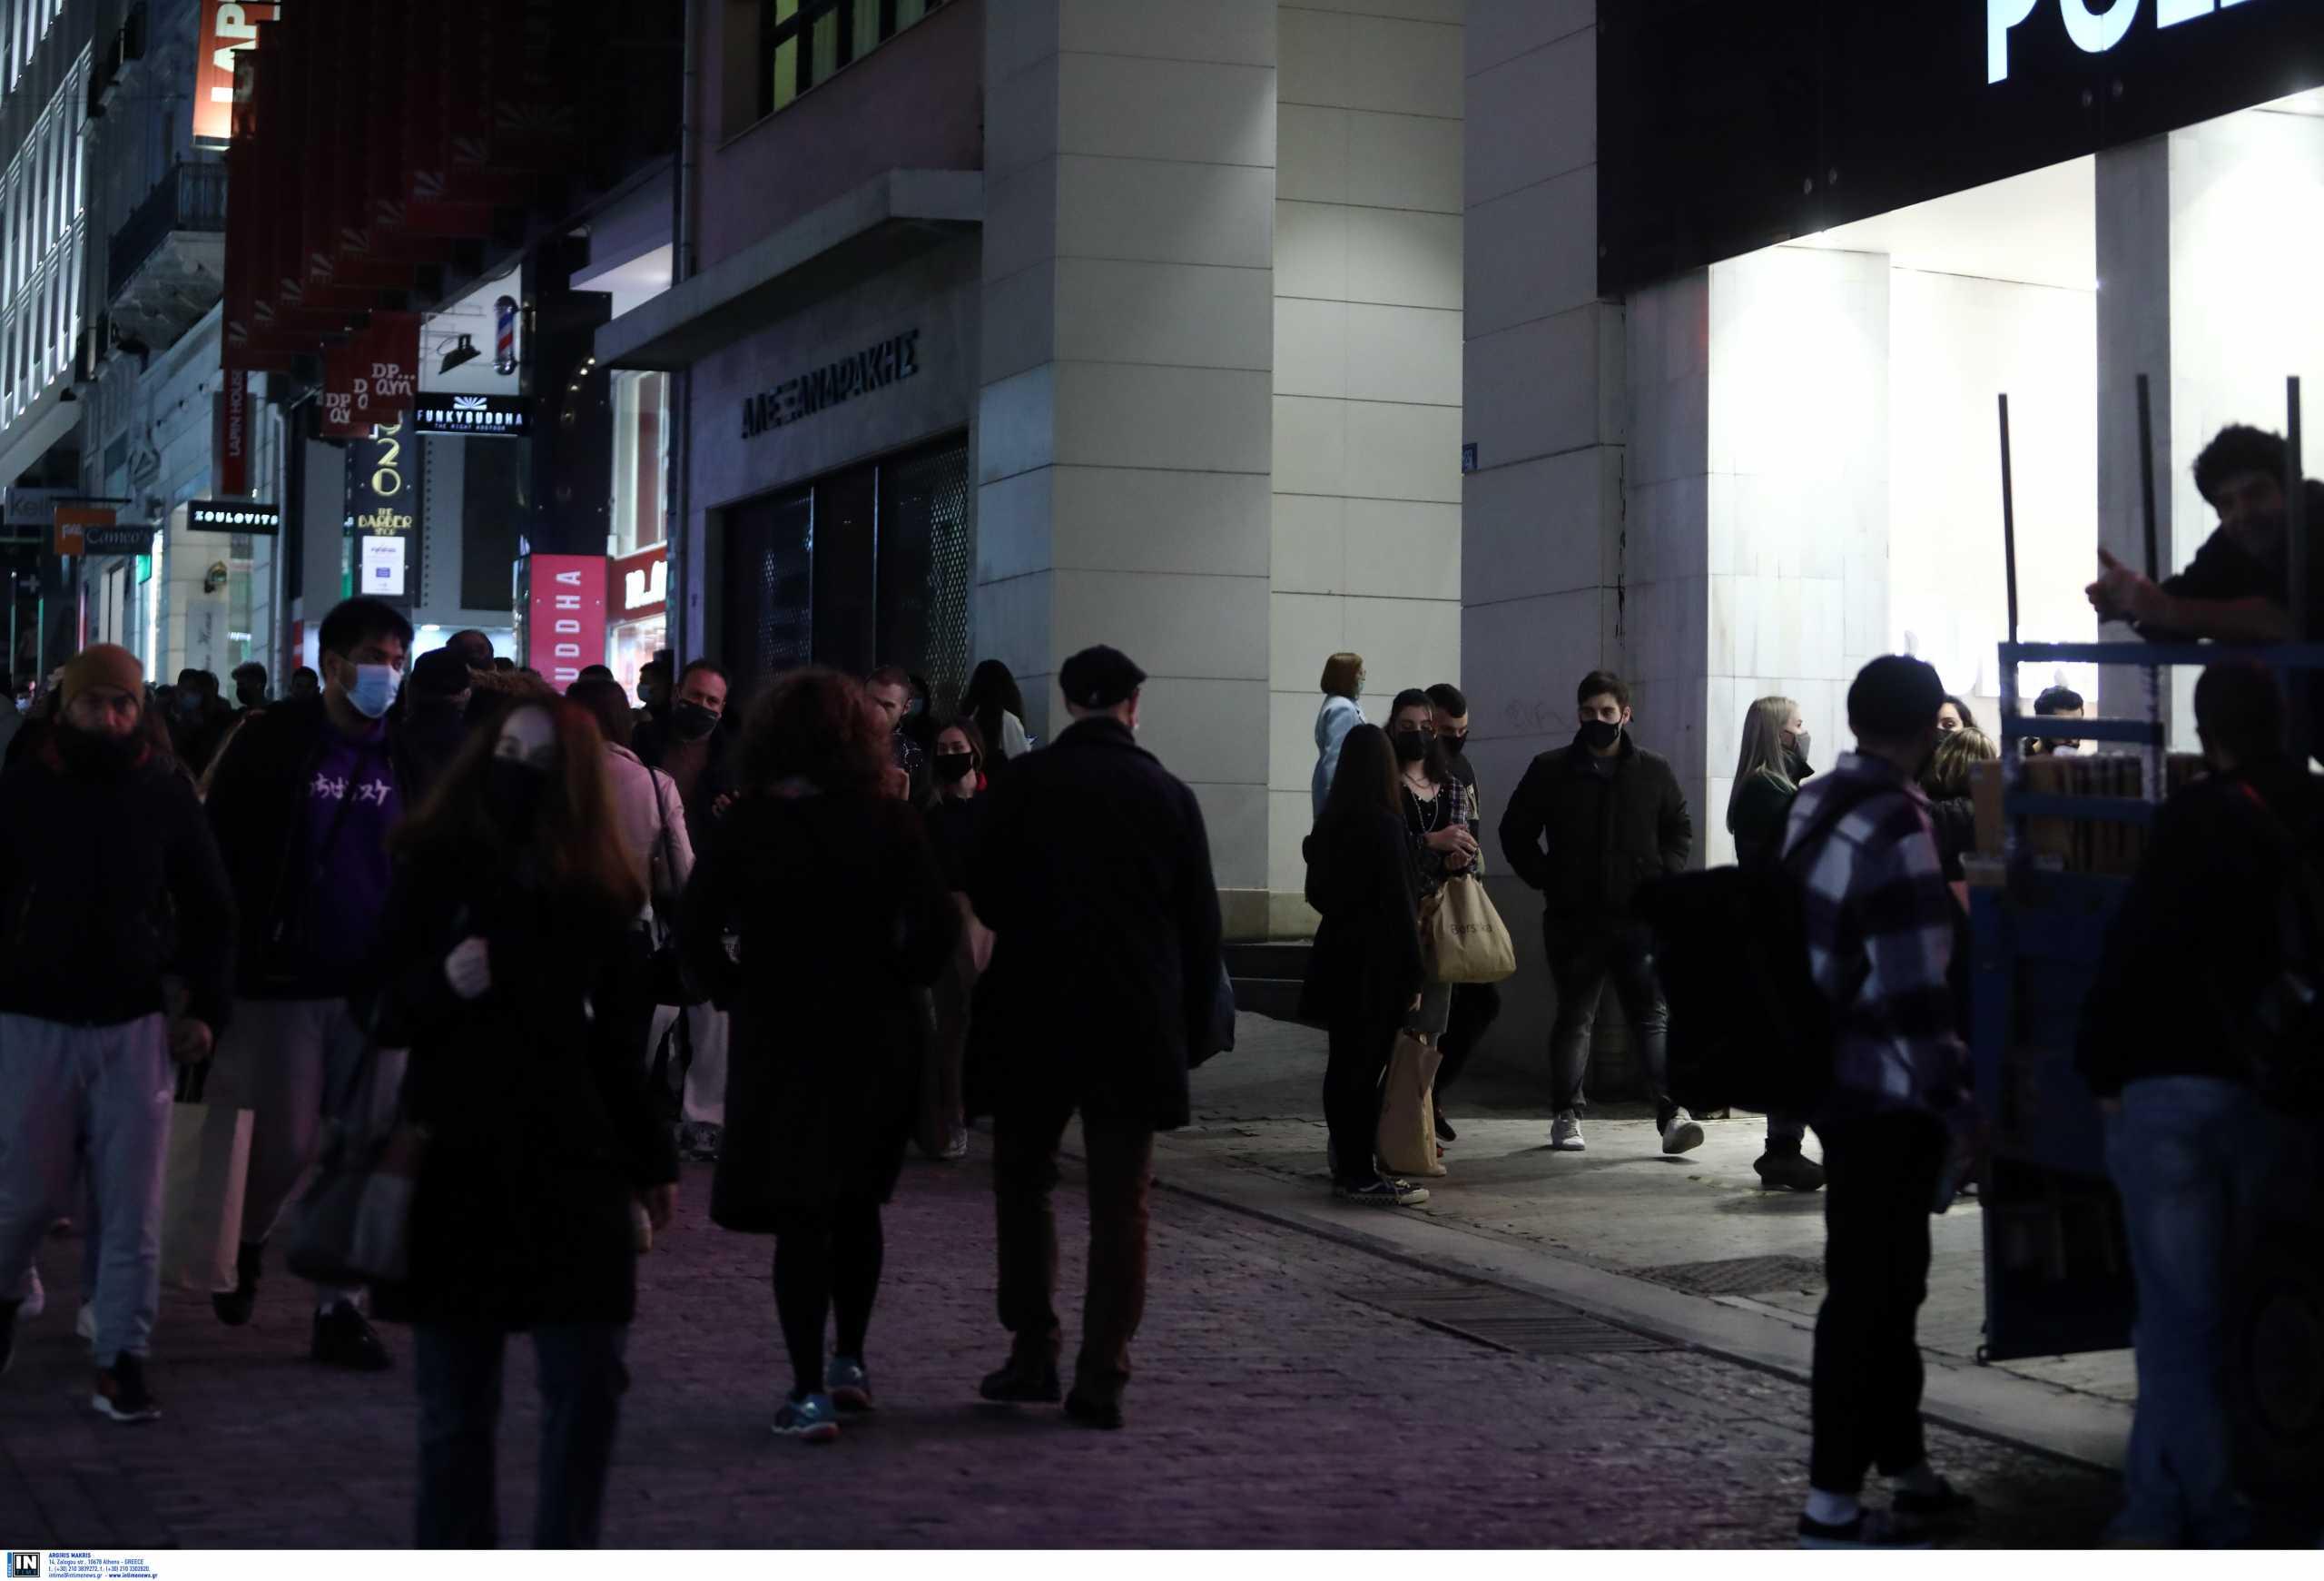 Κορονοϊός: Ανησυχία για τη νέα μετάλλαξη – Φοβάται επιτάχυνση του τρίτου κύματος ο Σαρηγιάννης